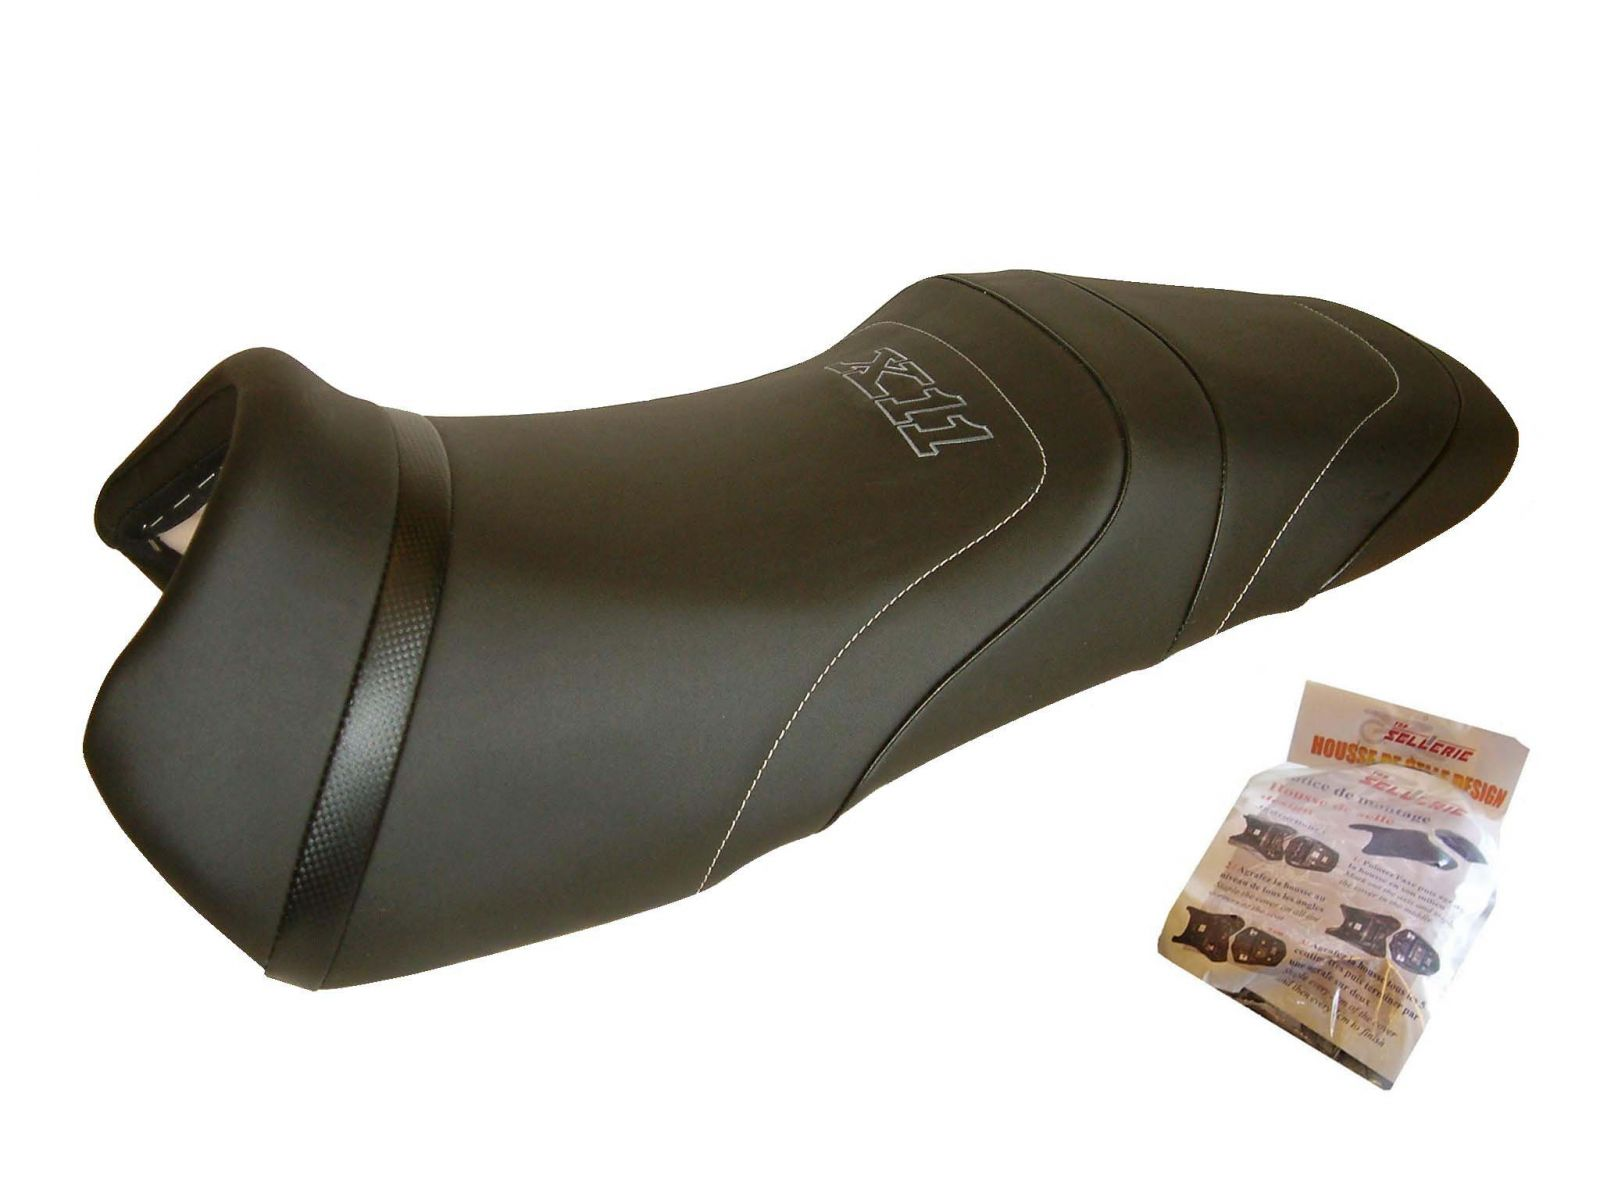 Design zadelhoes HSD3110 - HONDA X11 [1999-2003]